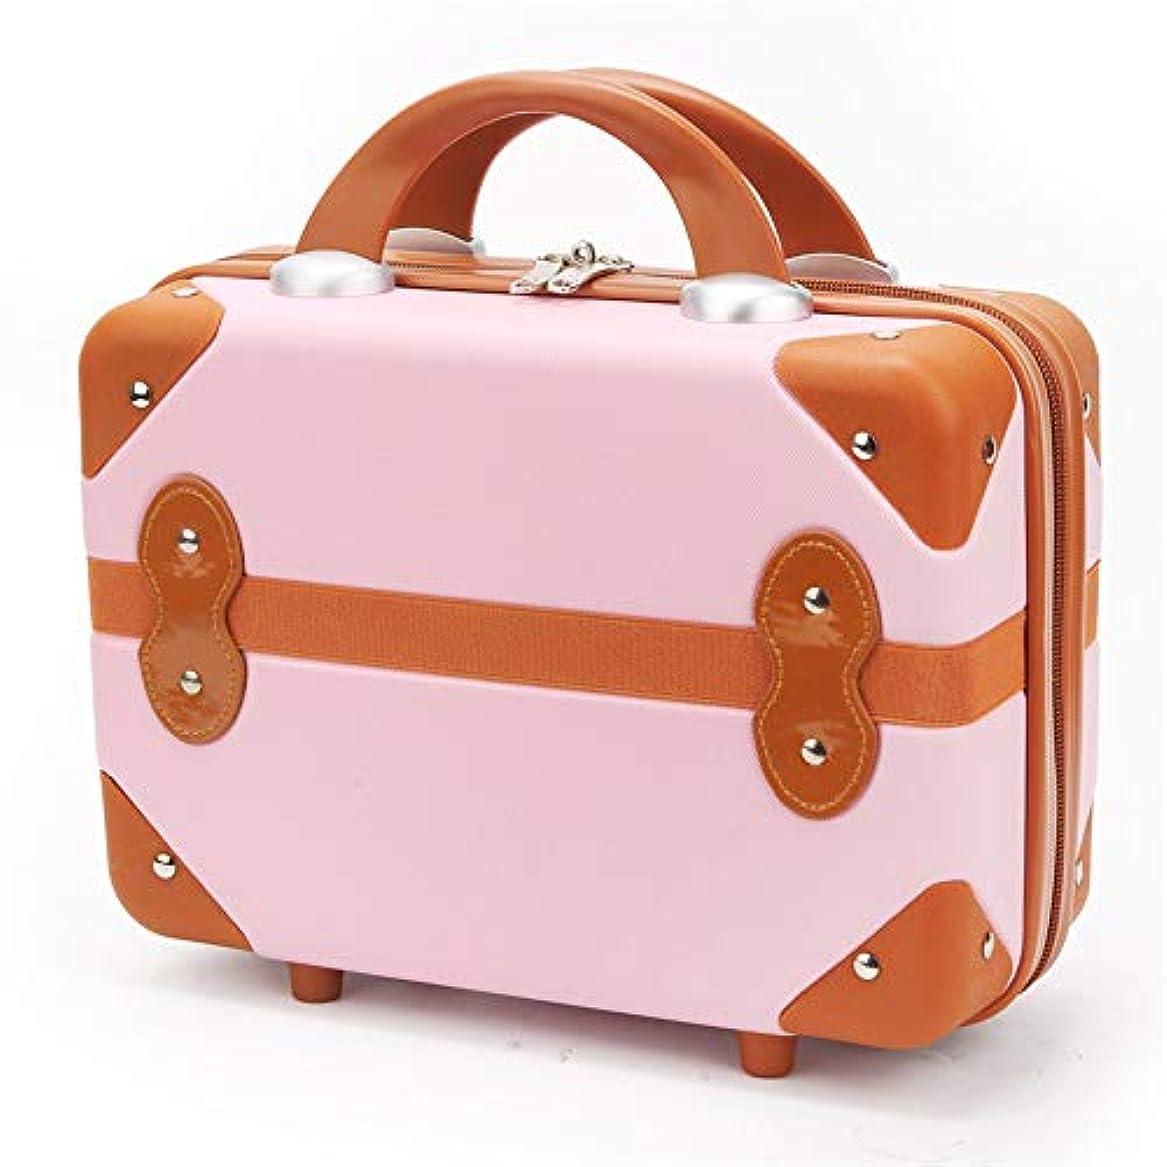 熱スペクトラム保護する化粧オーガナイザーバッグ 14インチのメイクアップトラベルバッグPUレター防水化粧ケースのティーン女の子の女性アーティスト 化粧品ケース